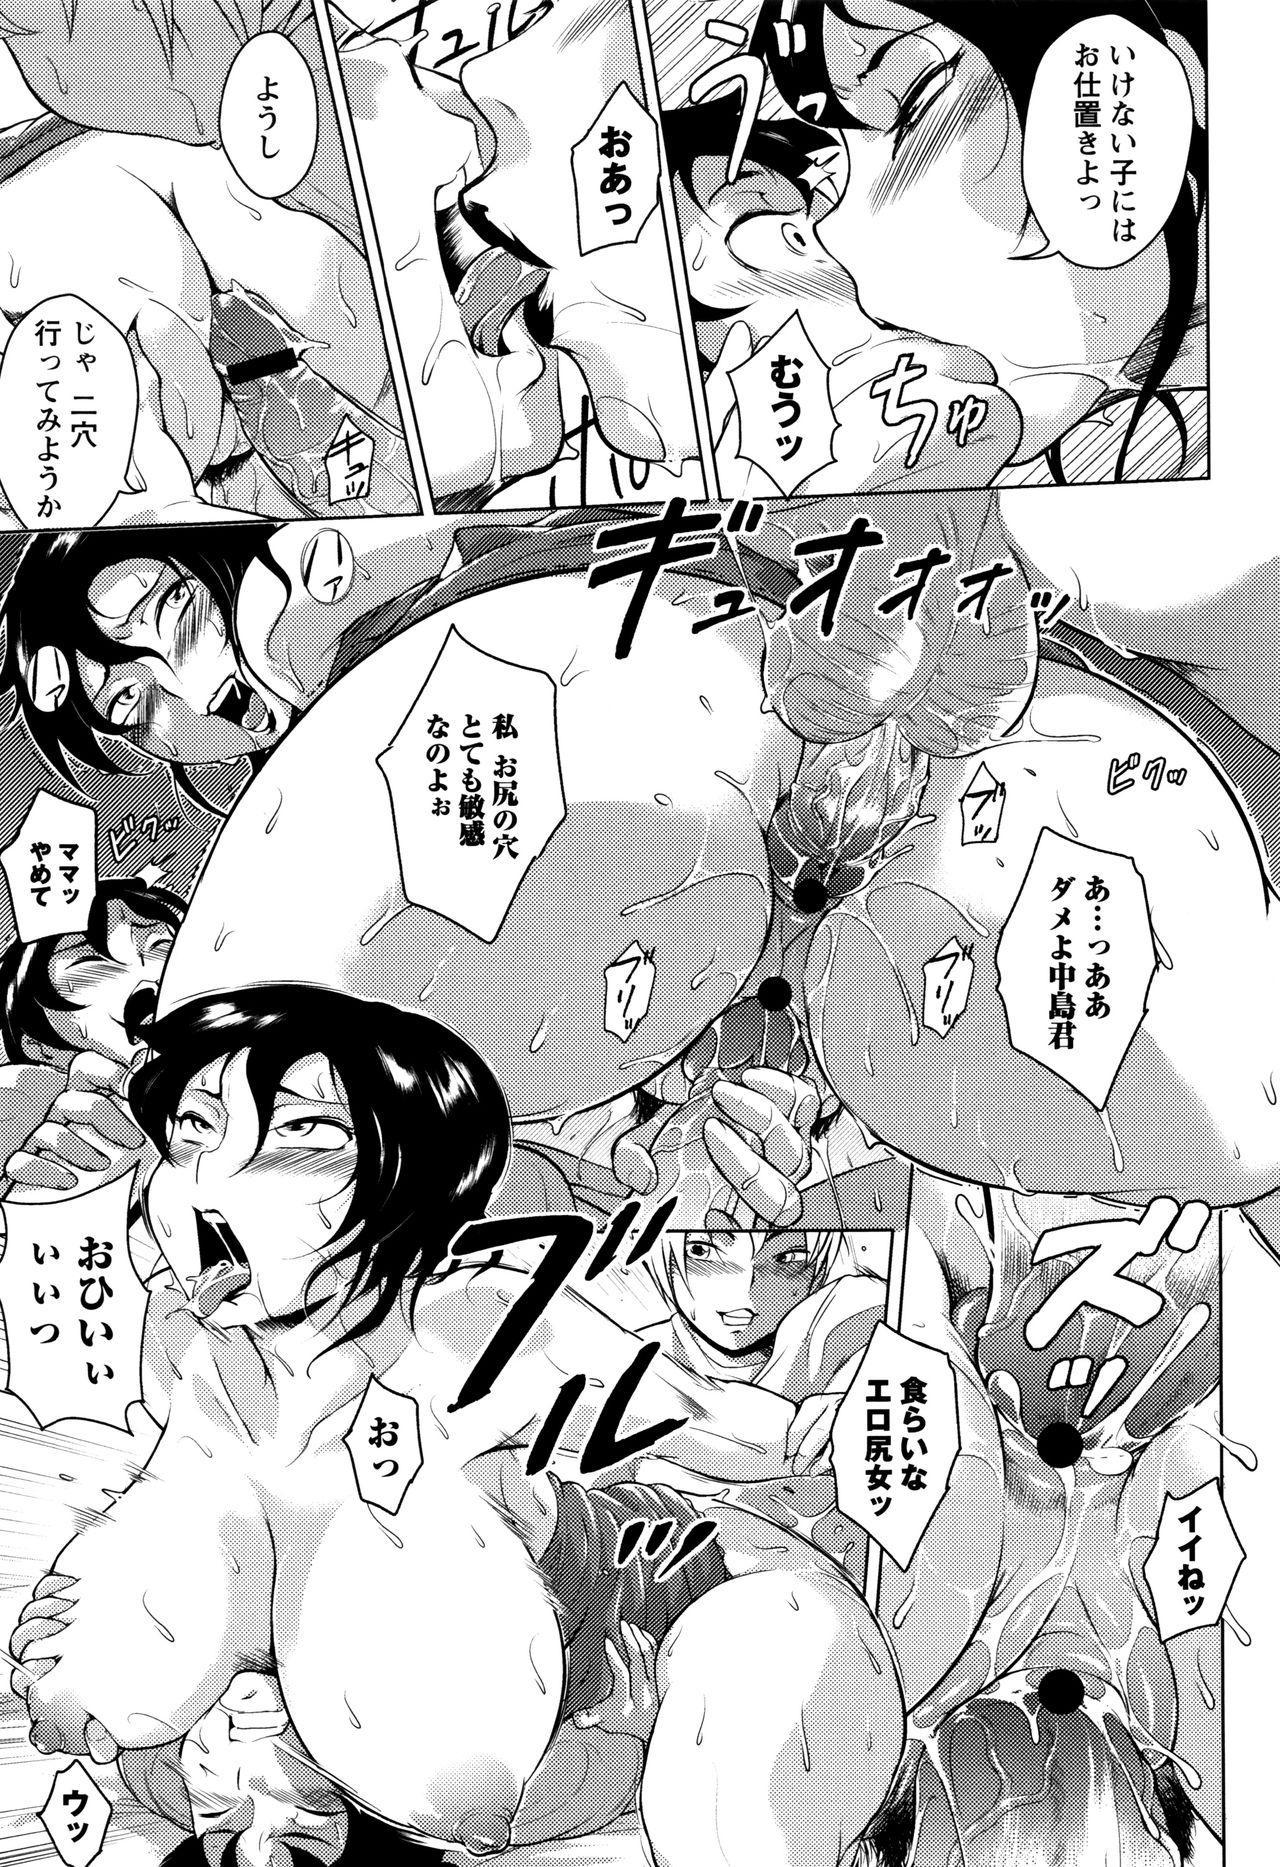 Ero BBA ♥ Dosukebe Ha Sengen 146